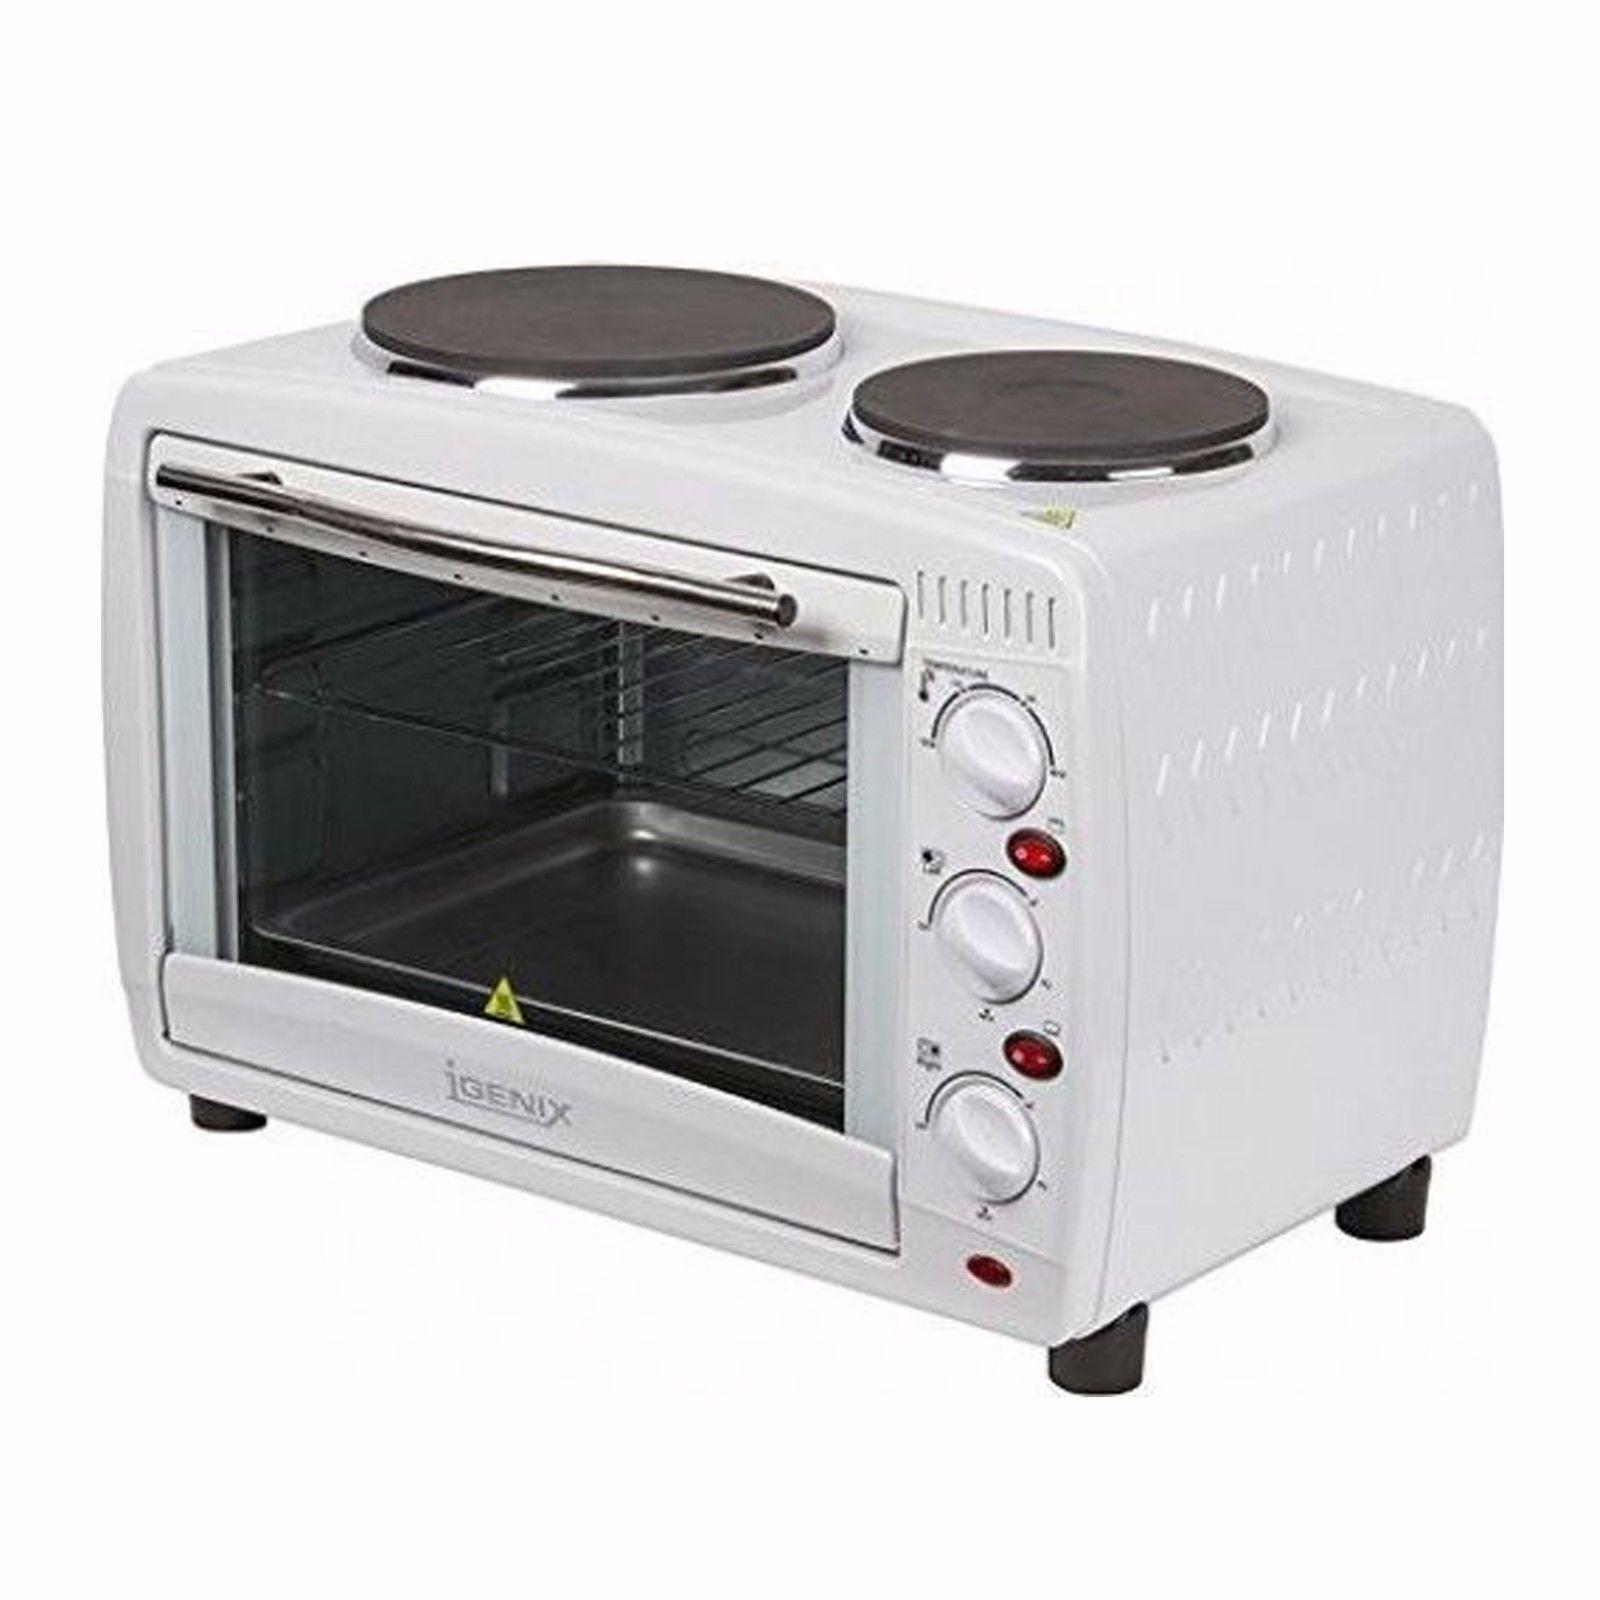 Igenix électrique IG7126 Mini four avec plaque de cuisson et grill fonction 26 L Blanc SIL000003